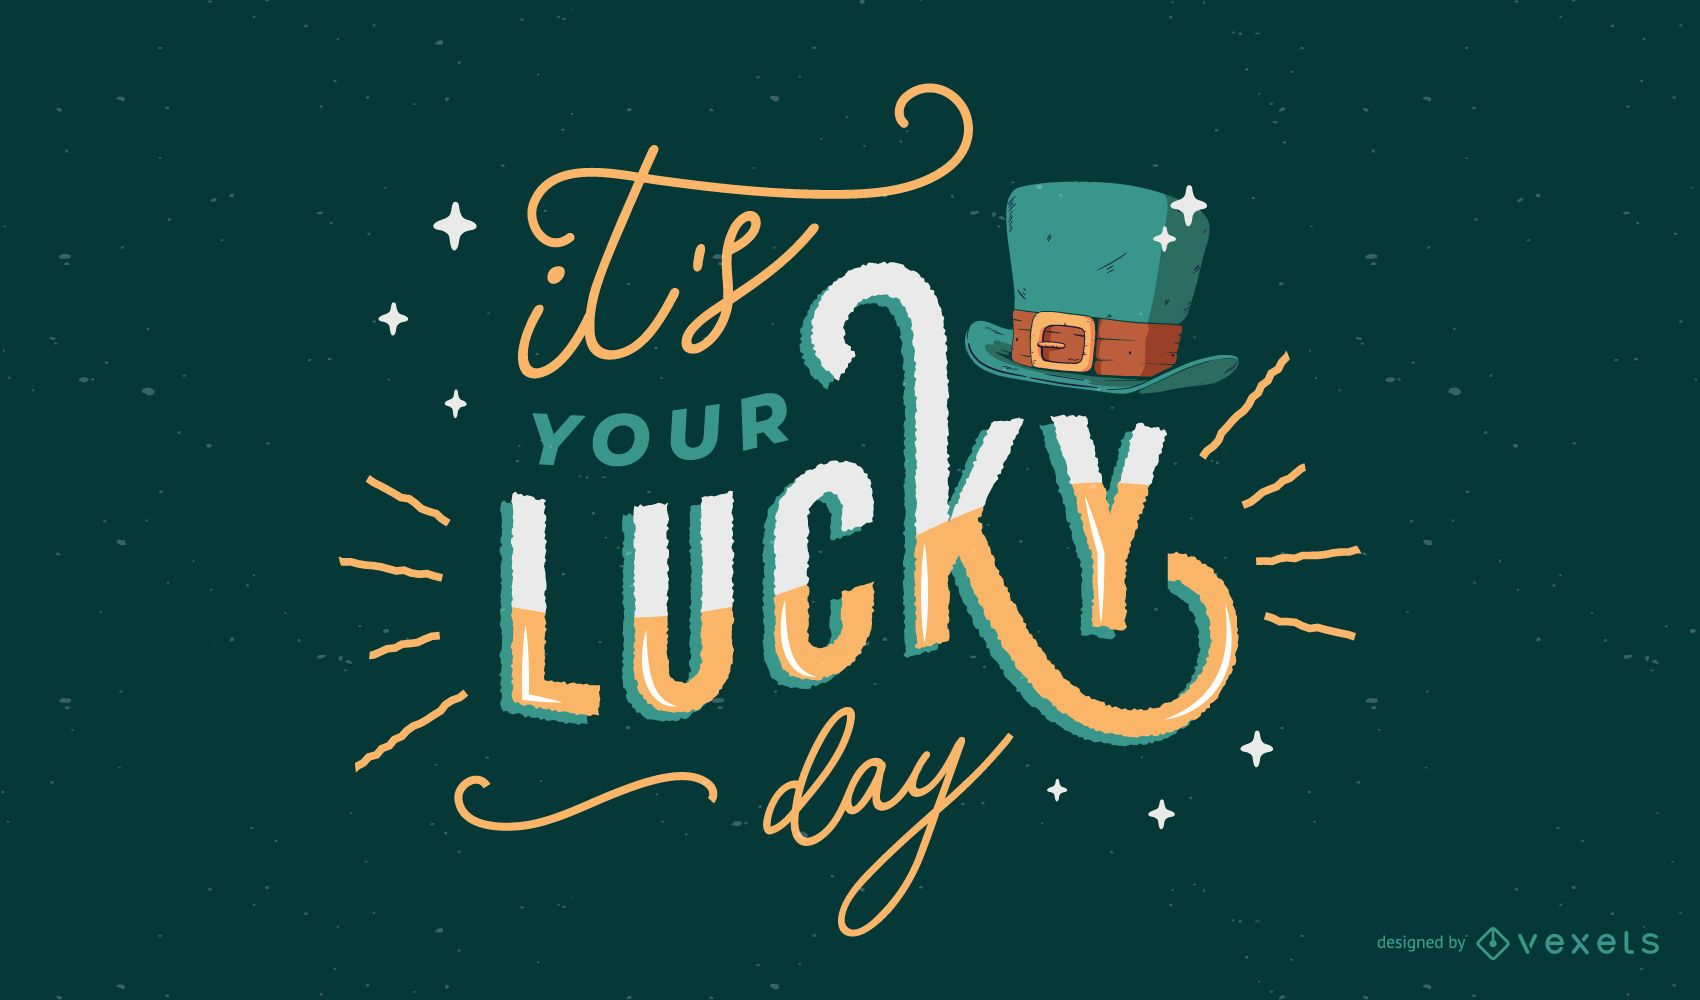 St patricks lucky day lettering design